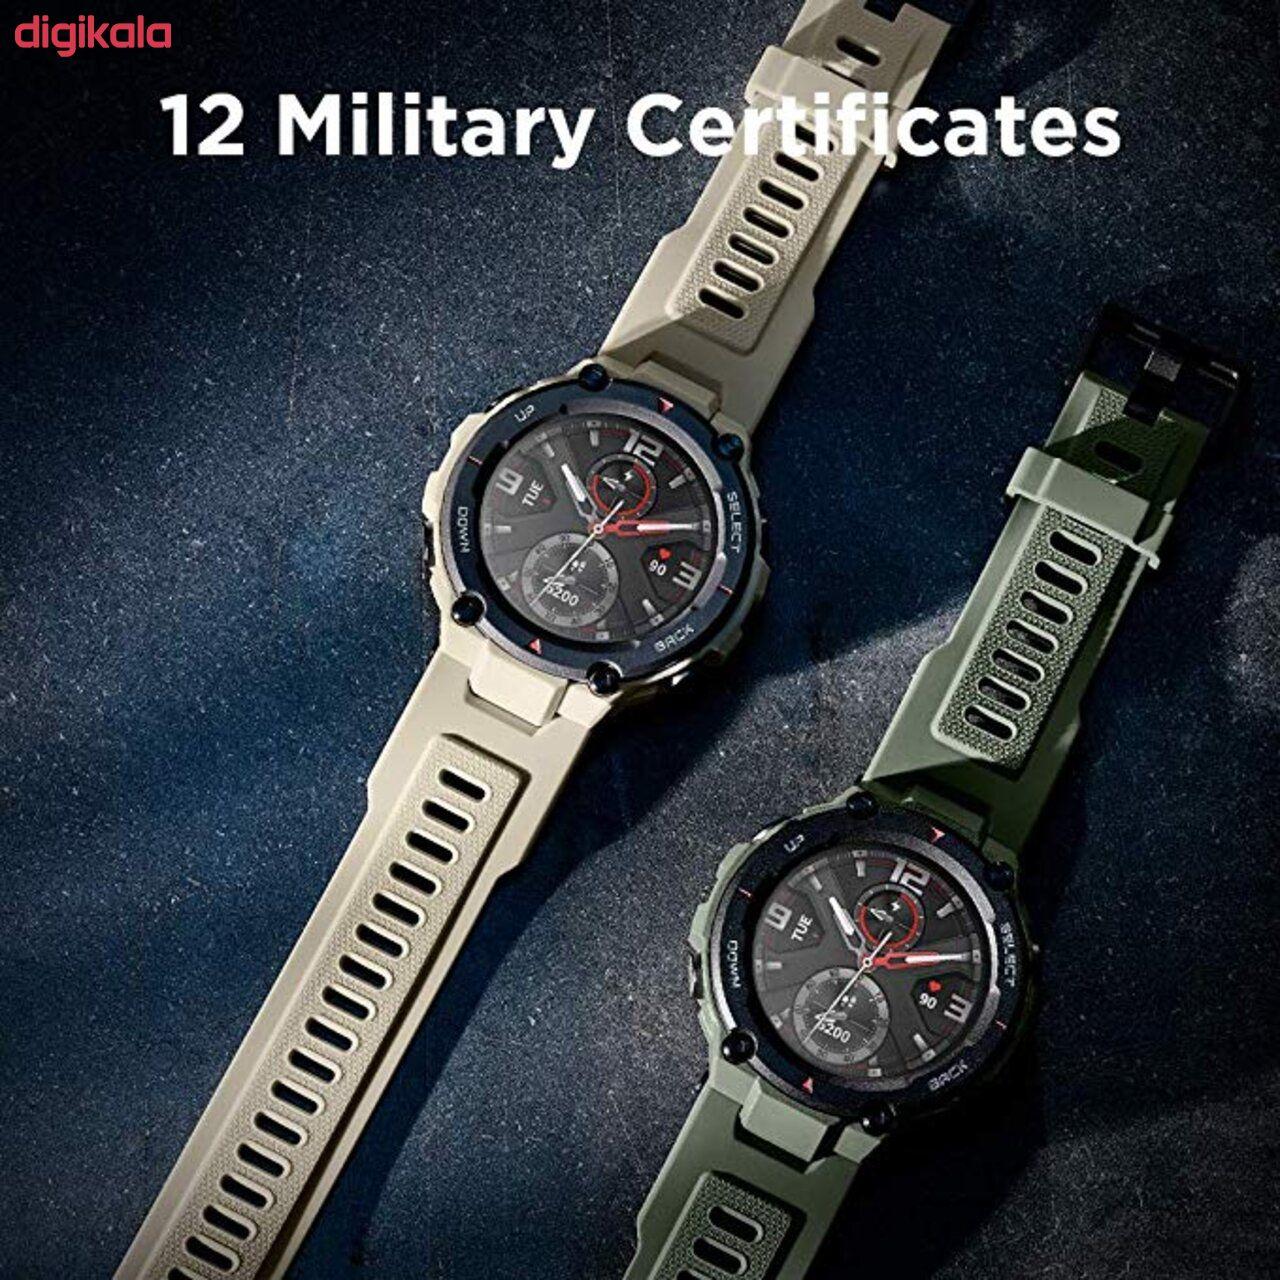 ساعت هوشمند امیزفیت مدل T-Rex main 1 4